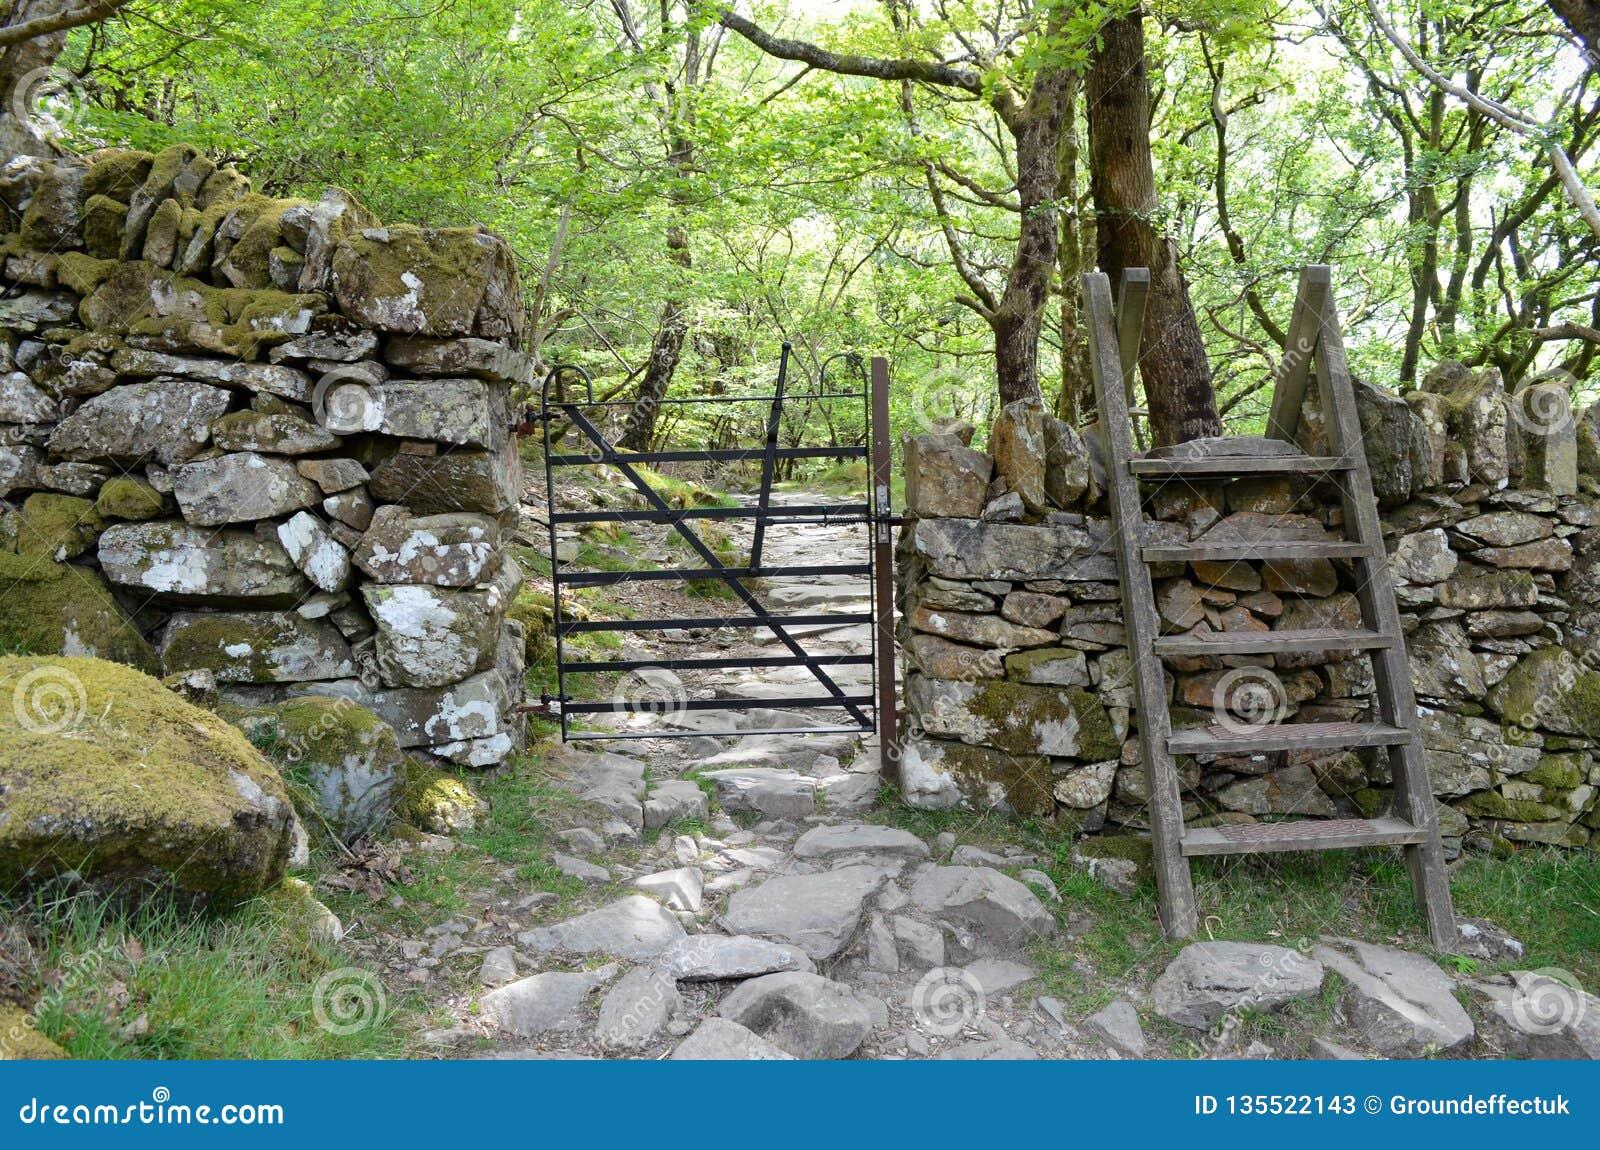 Metal brama przez ściany i przełazu nad nim, prowadzenie w skalistą ścieżkę przez lasu